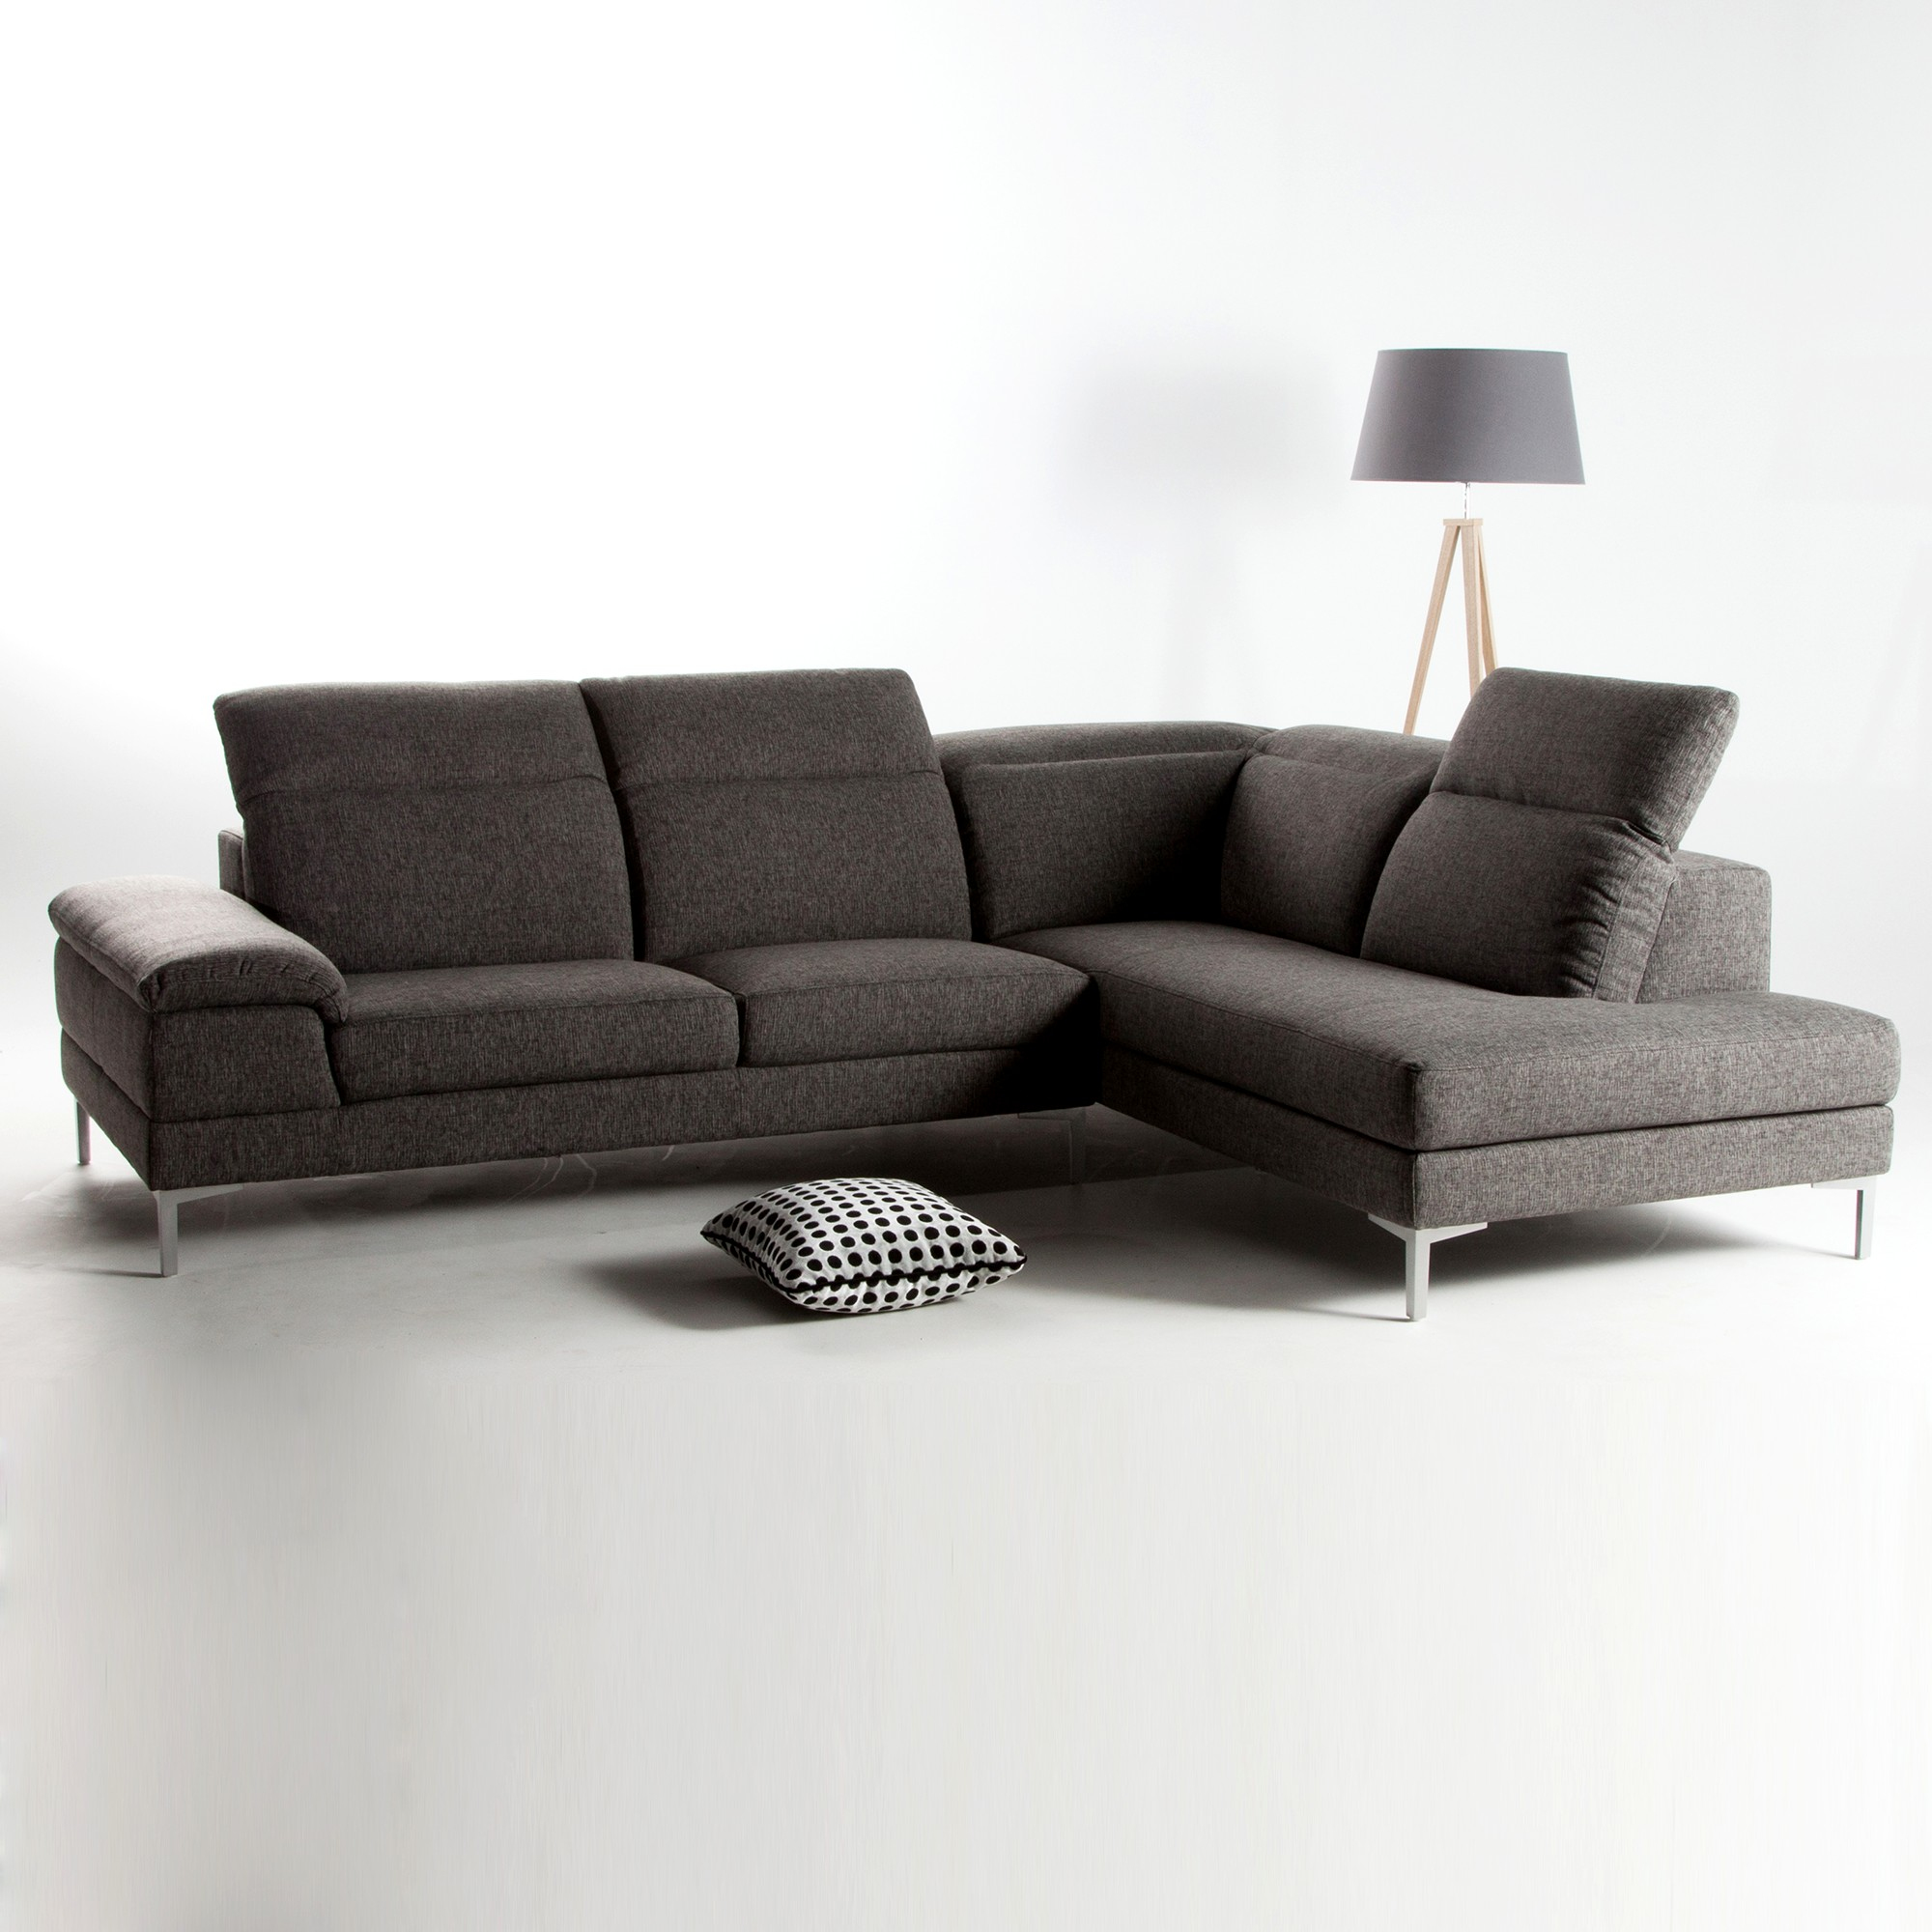 Ikea Canapé Convertible Angle Unique Photos Canap Amovible 8 Canape Angle Avec Meri Nne De